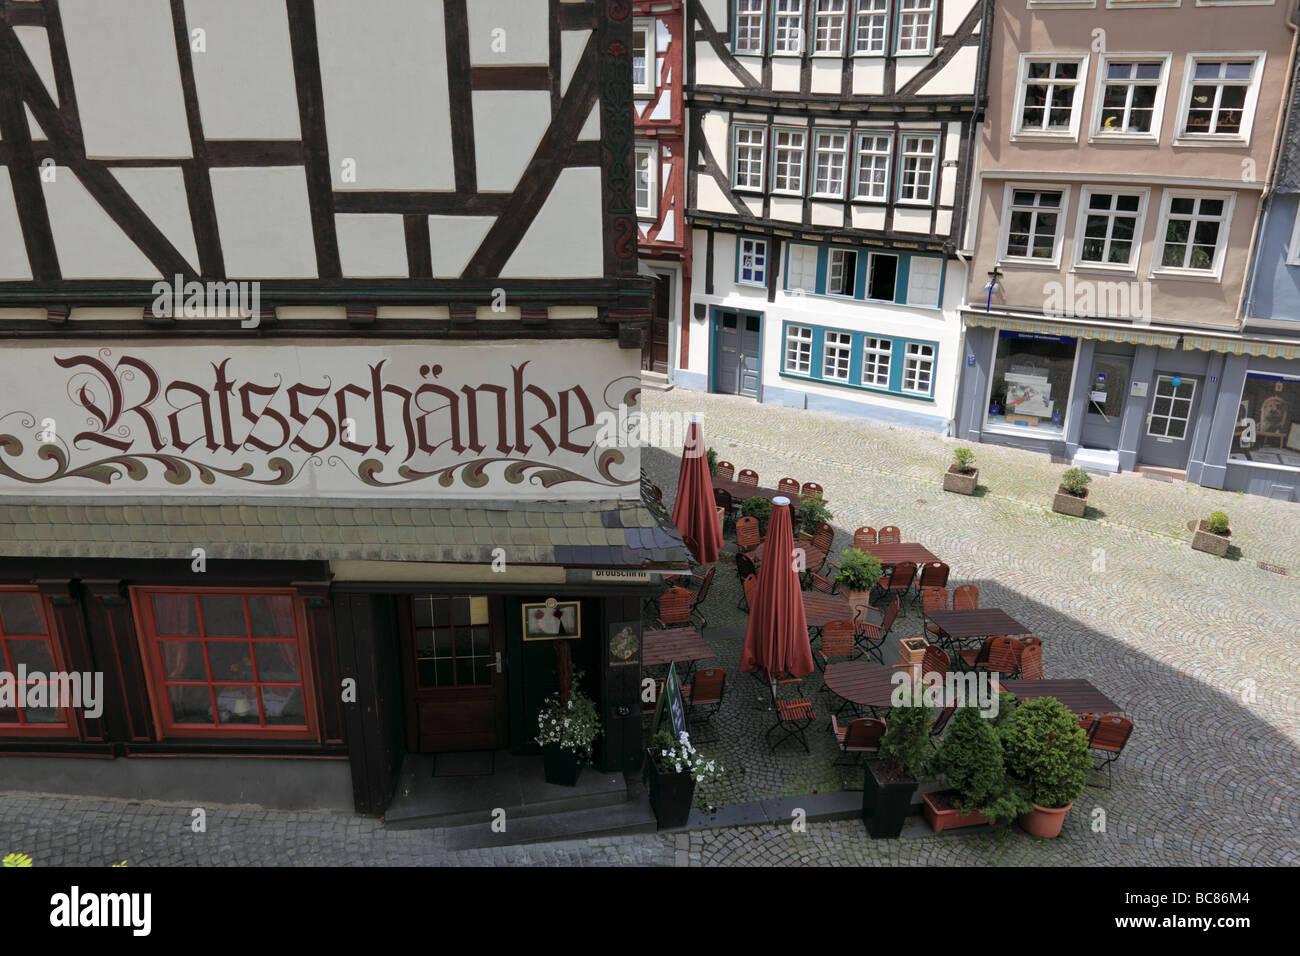 Schön Ratsschänke Wetzlar Ideen - Das Beste Architekturbild ...